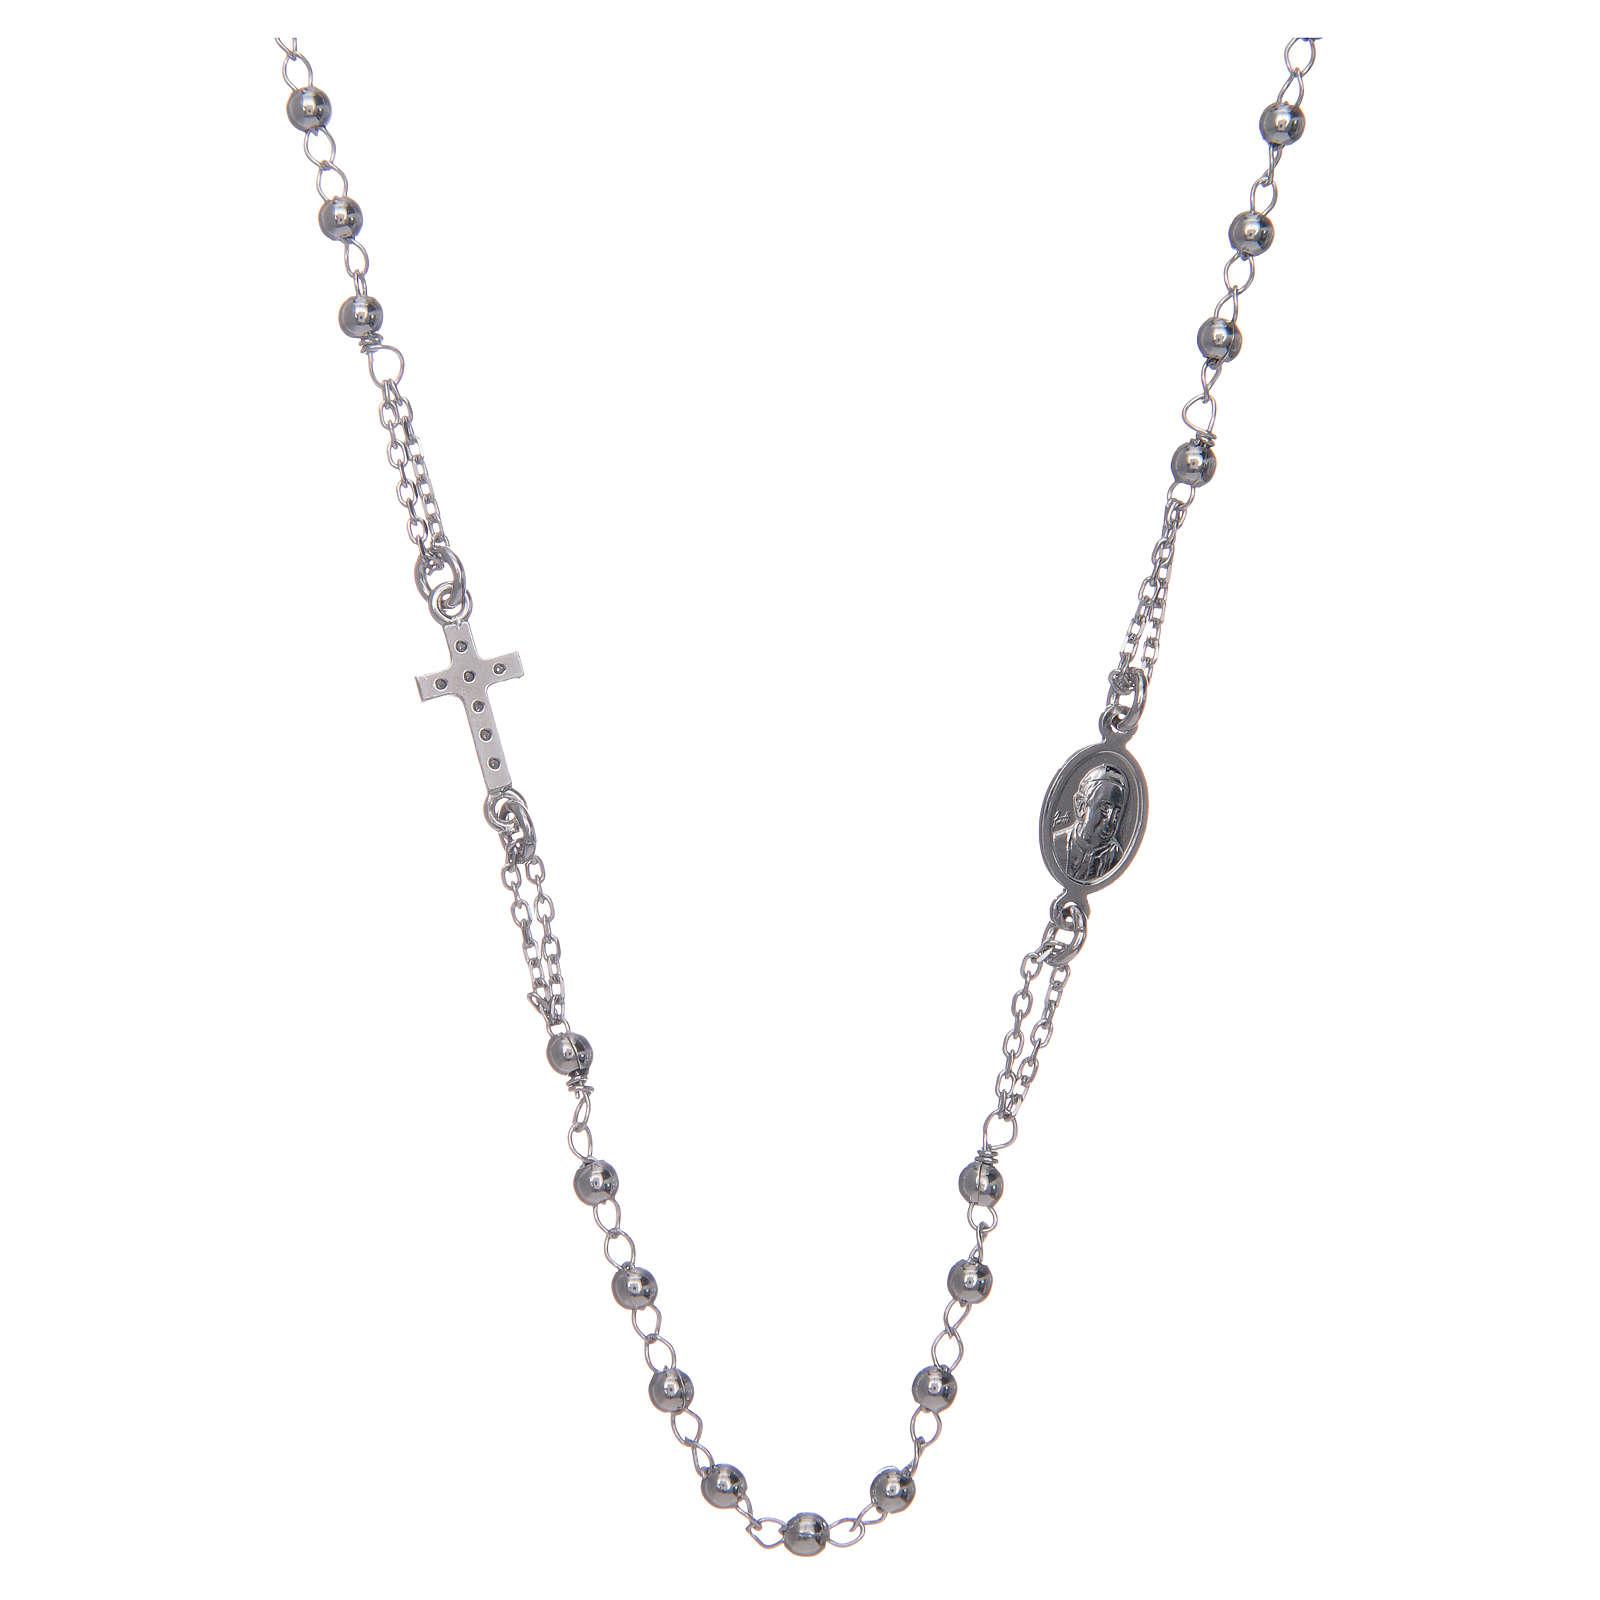 Naszyjnik różaniec na szyję AMEN pave srebro 925 wyk. Rodio 4